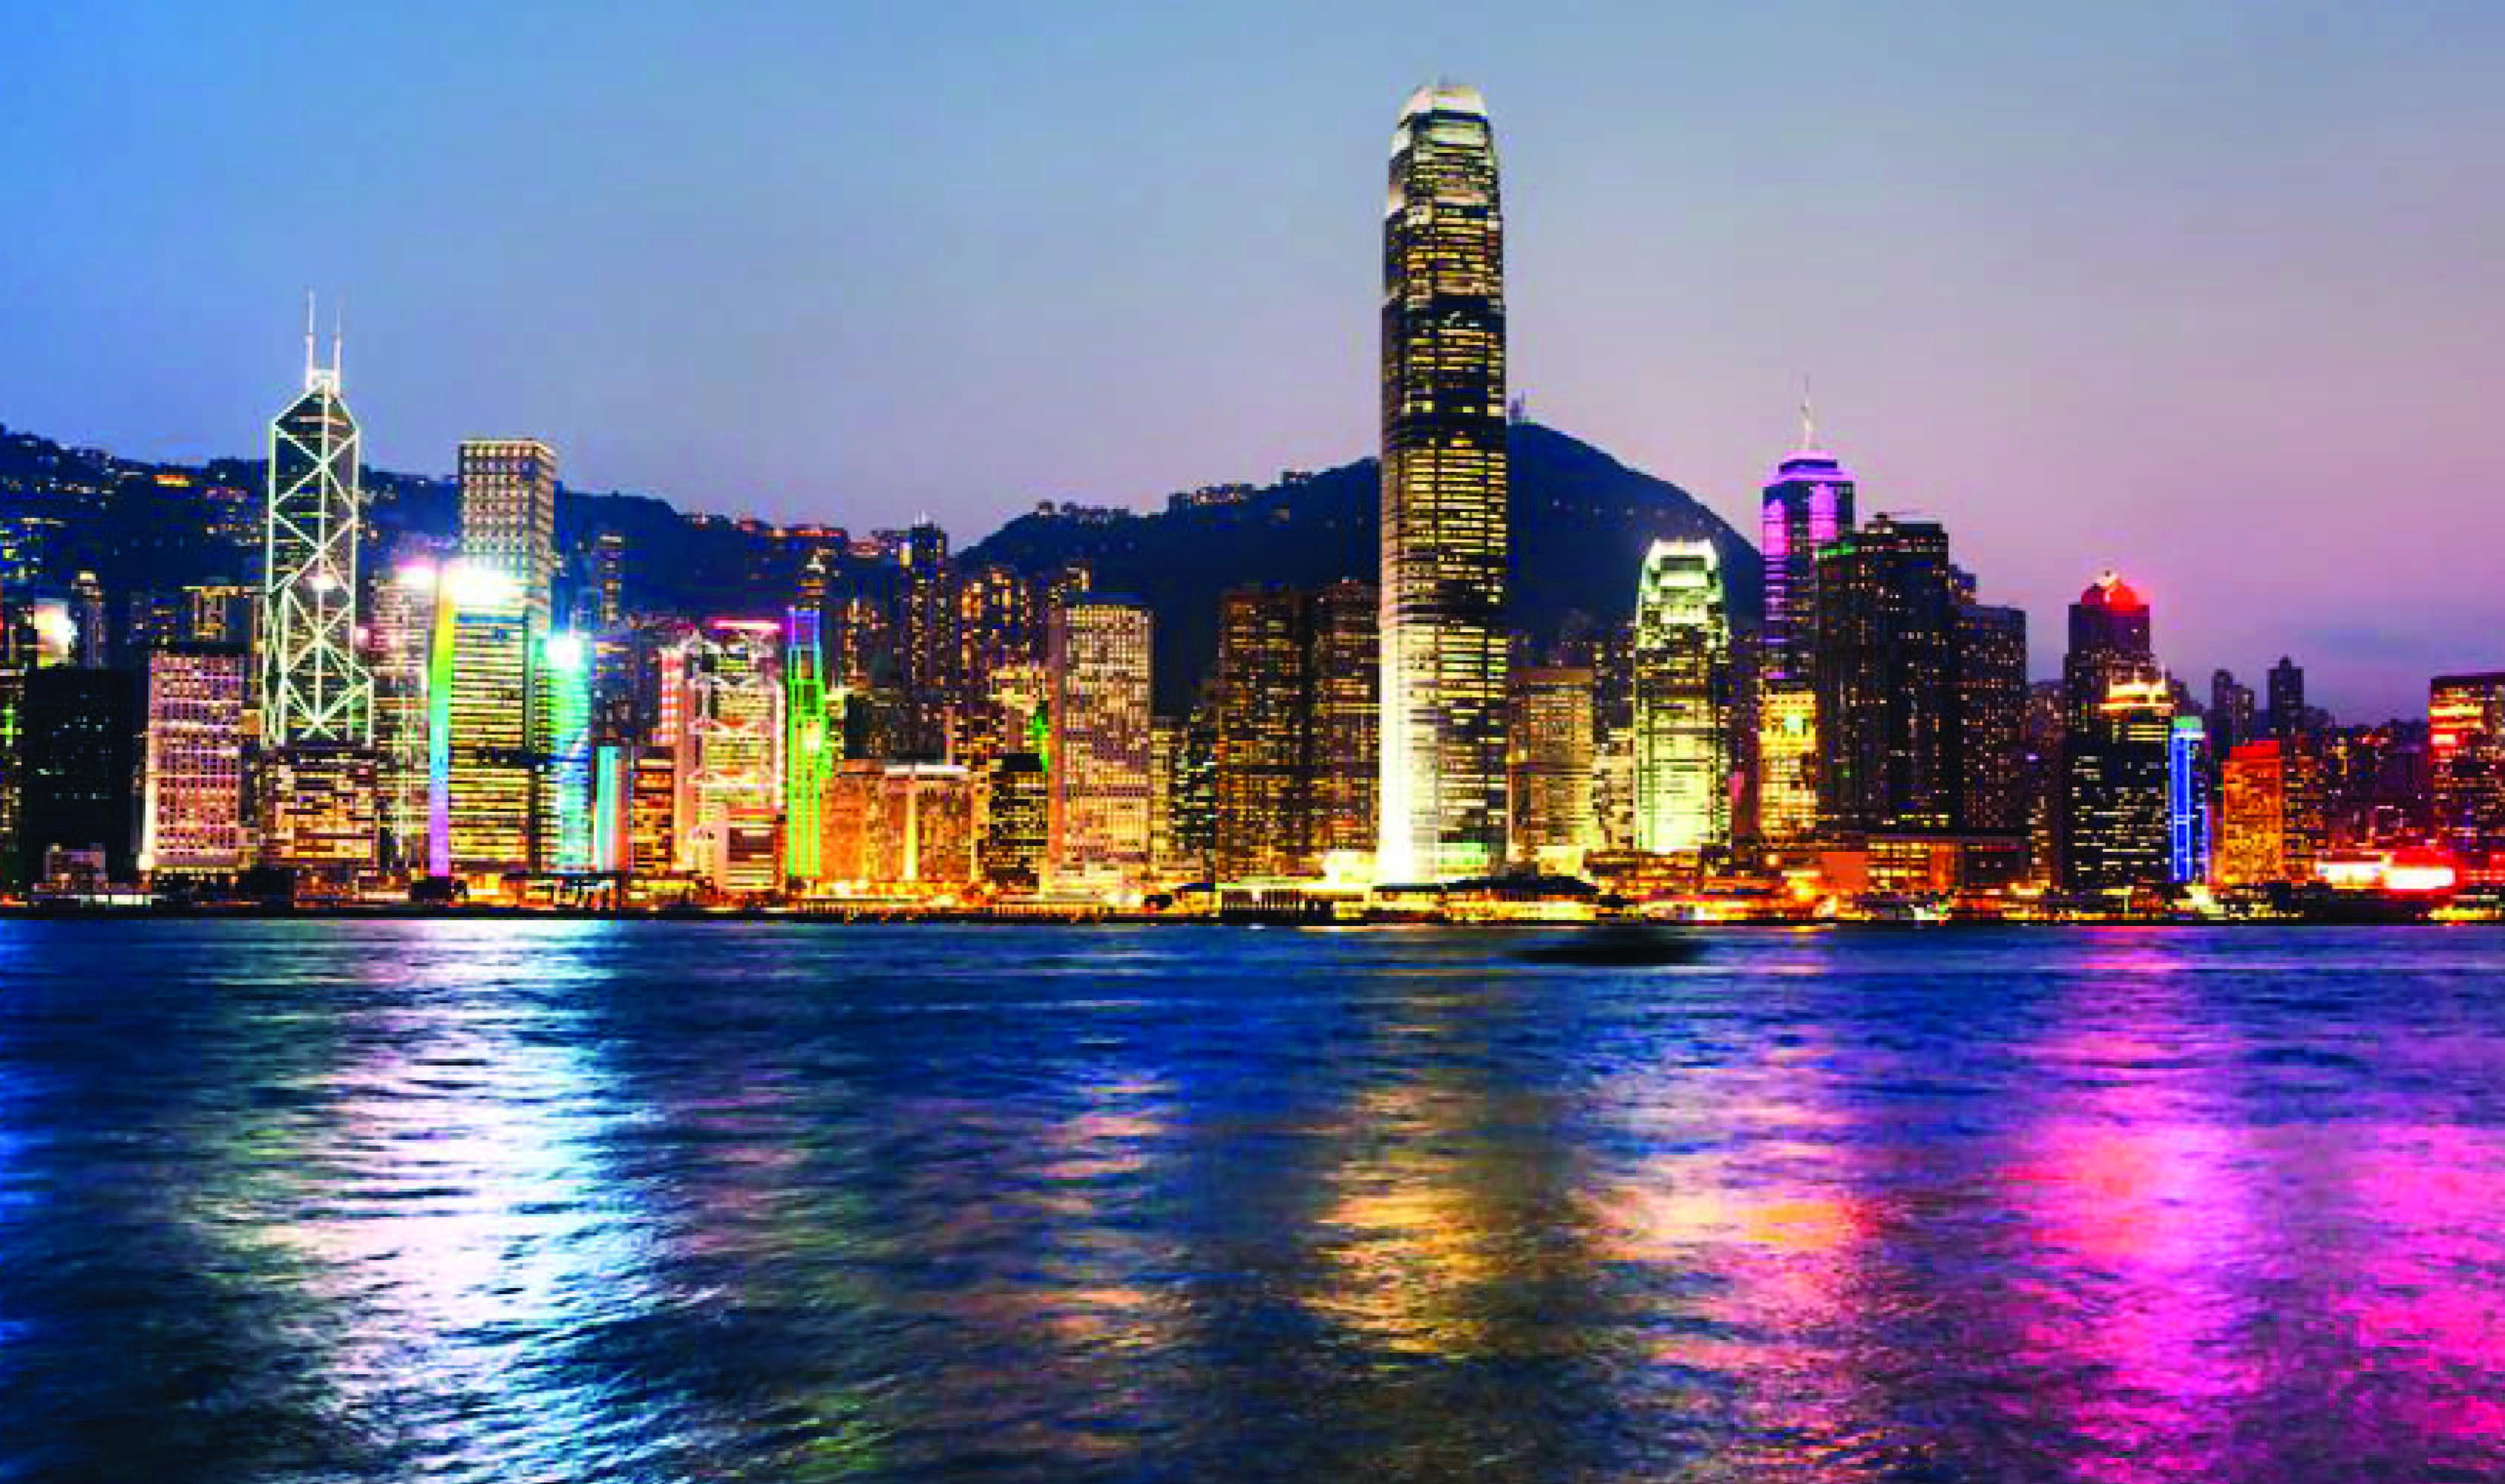 ทัวร์ฮ่องกง  ฮ่องกง นองปิง ดิสนีย์แลนด์ 3วัน2คืน  บินRJ